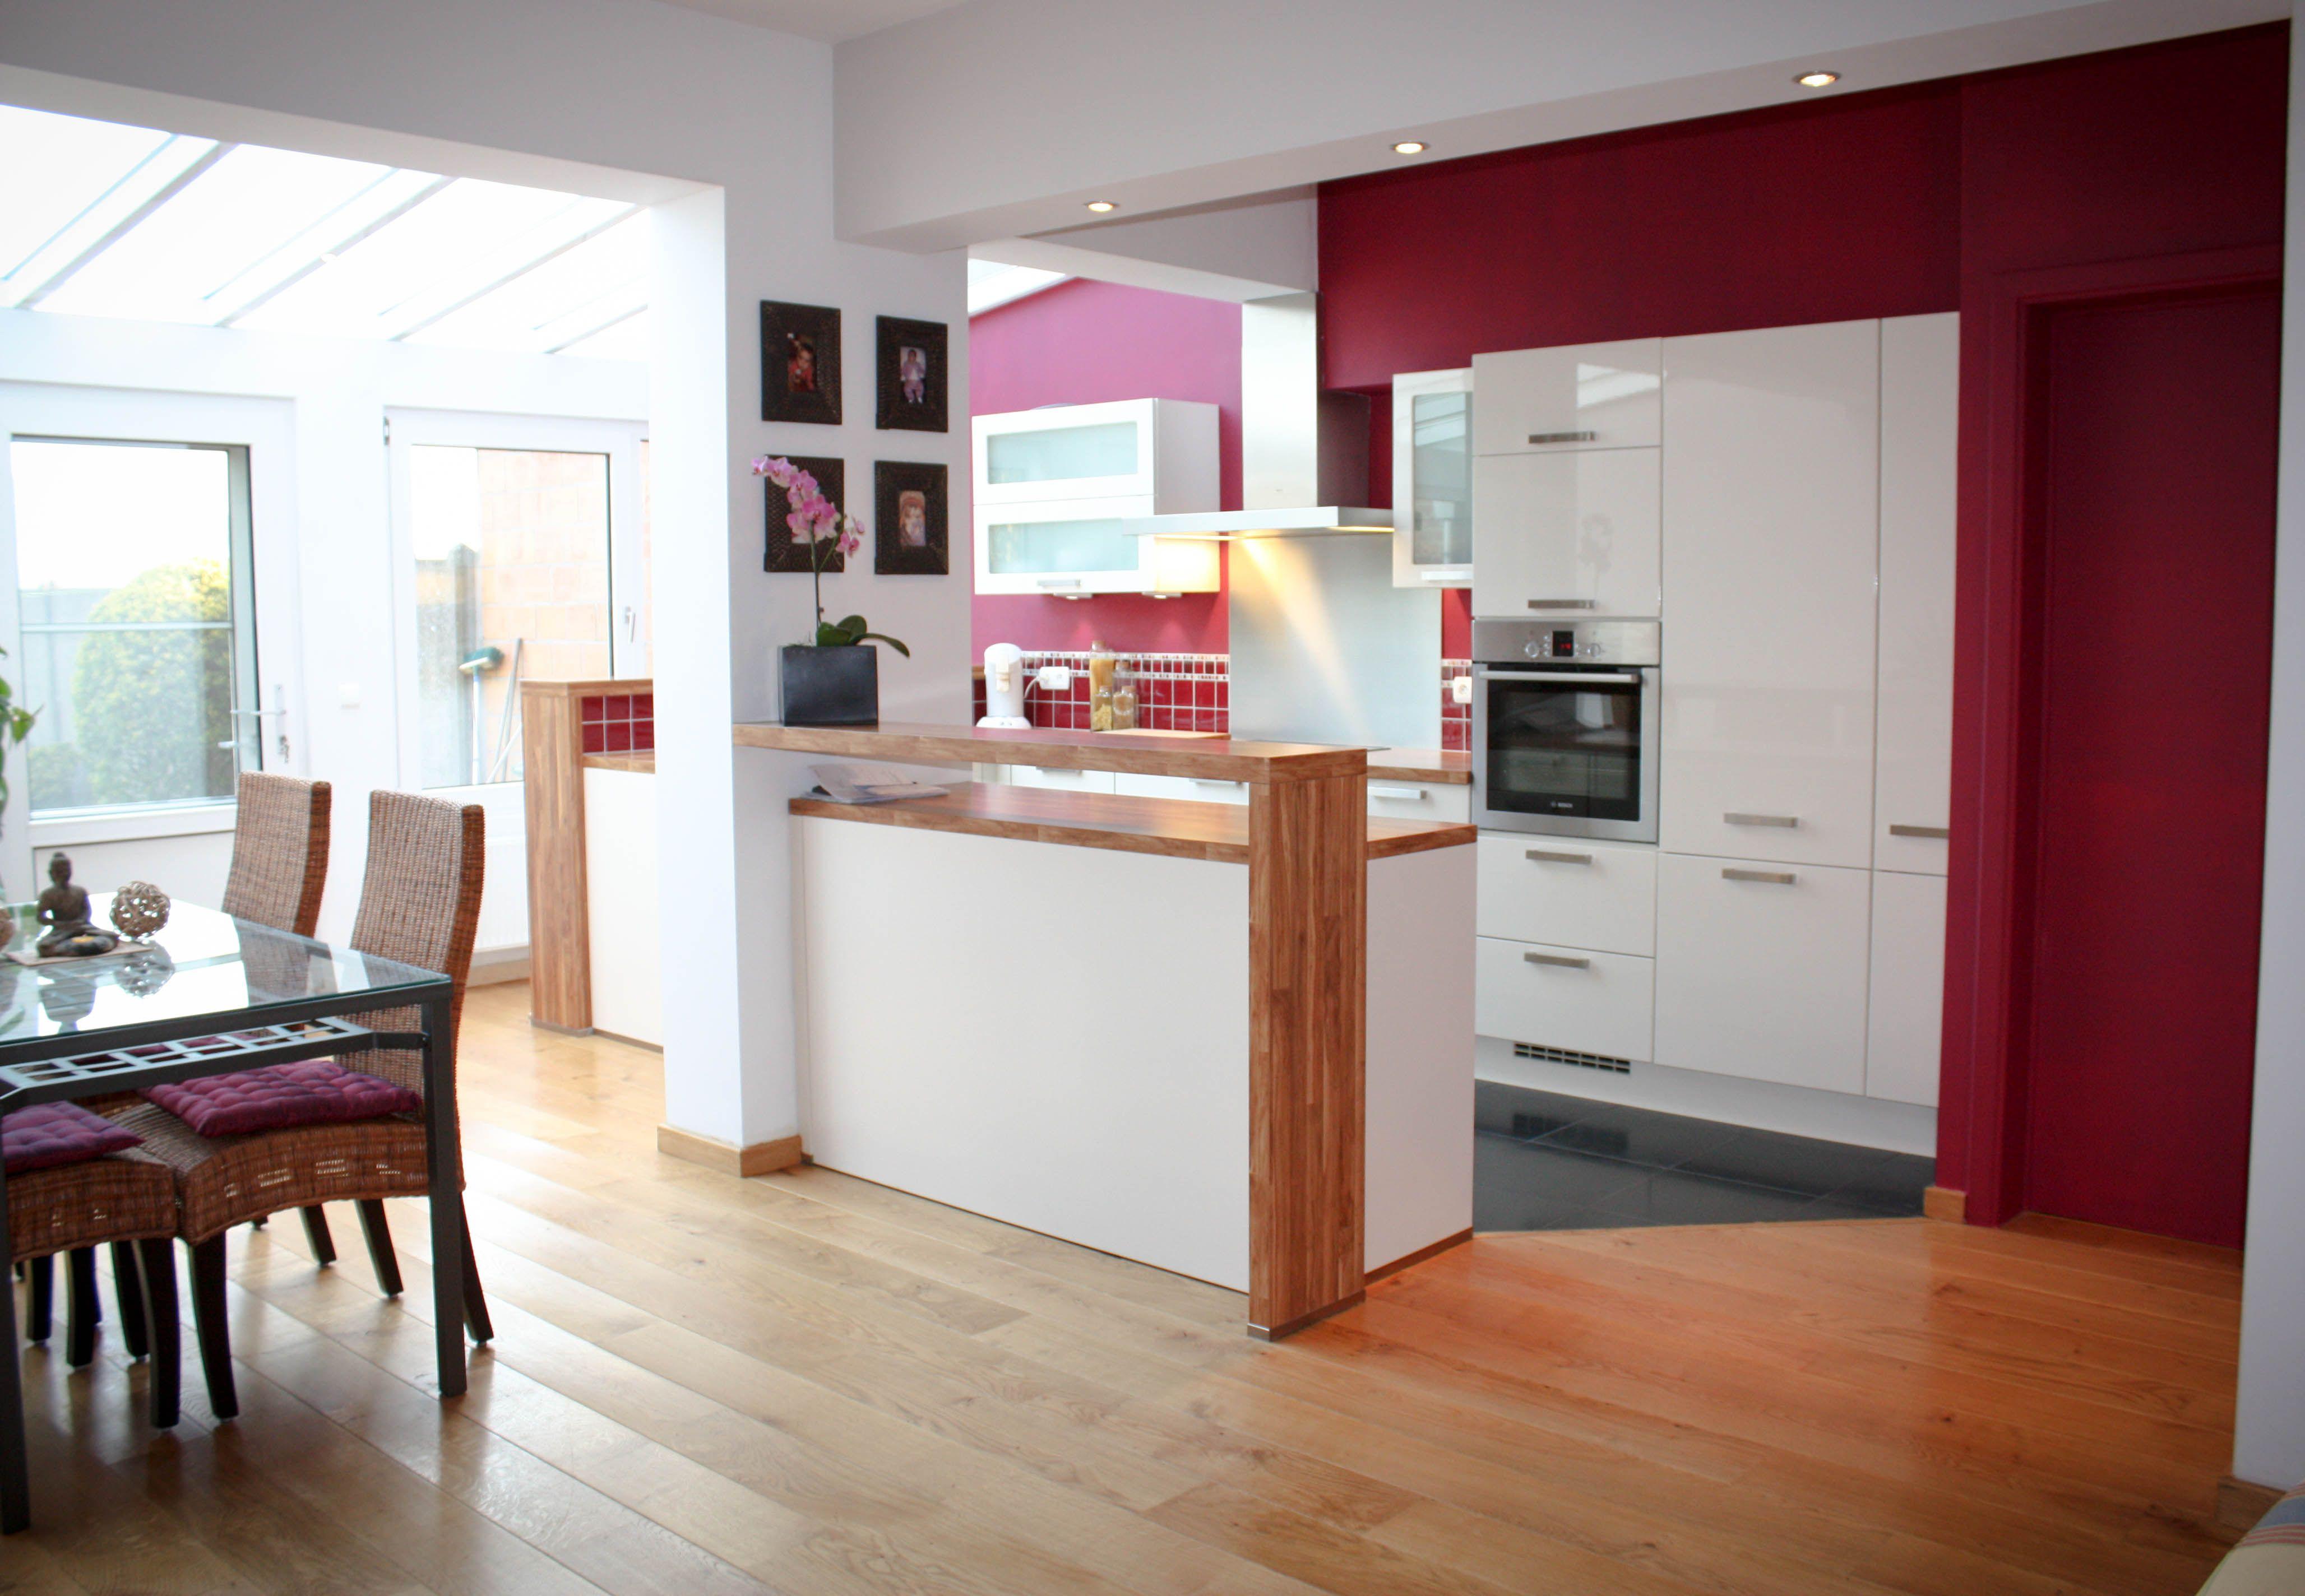 Cuisine rouge mur couleur des cuisines aux couleurs vitaminees console desserte lot - Cuisine rouge et beige ...